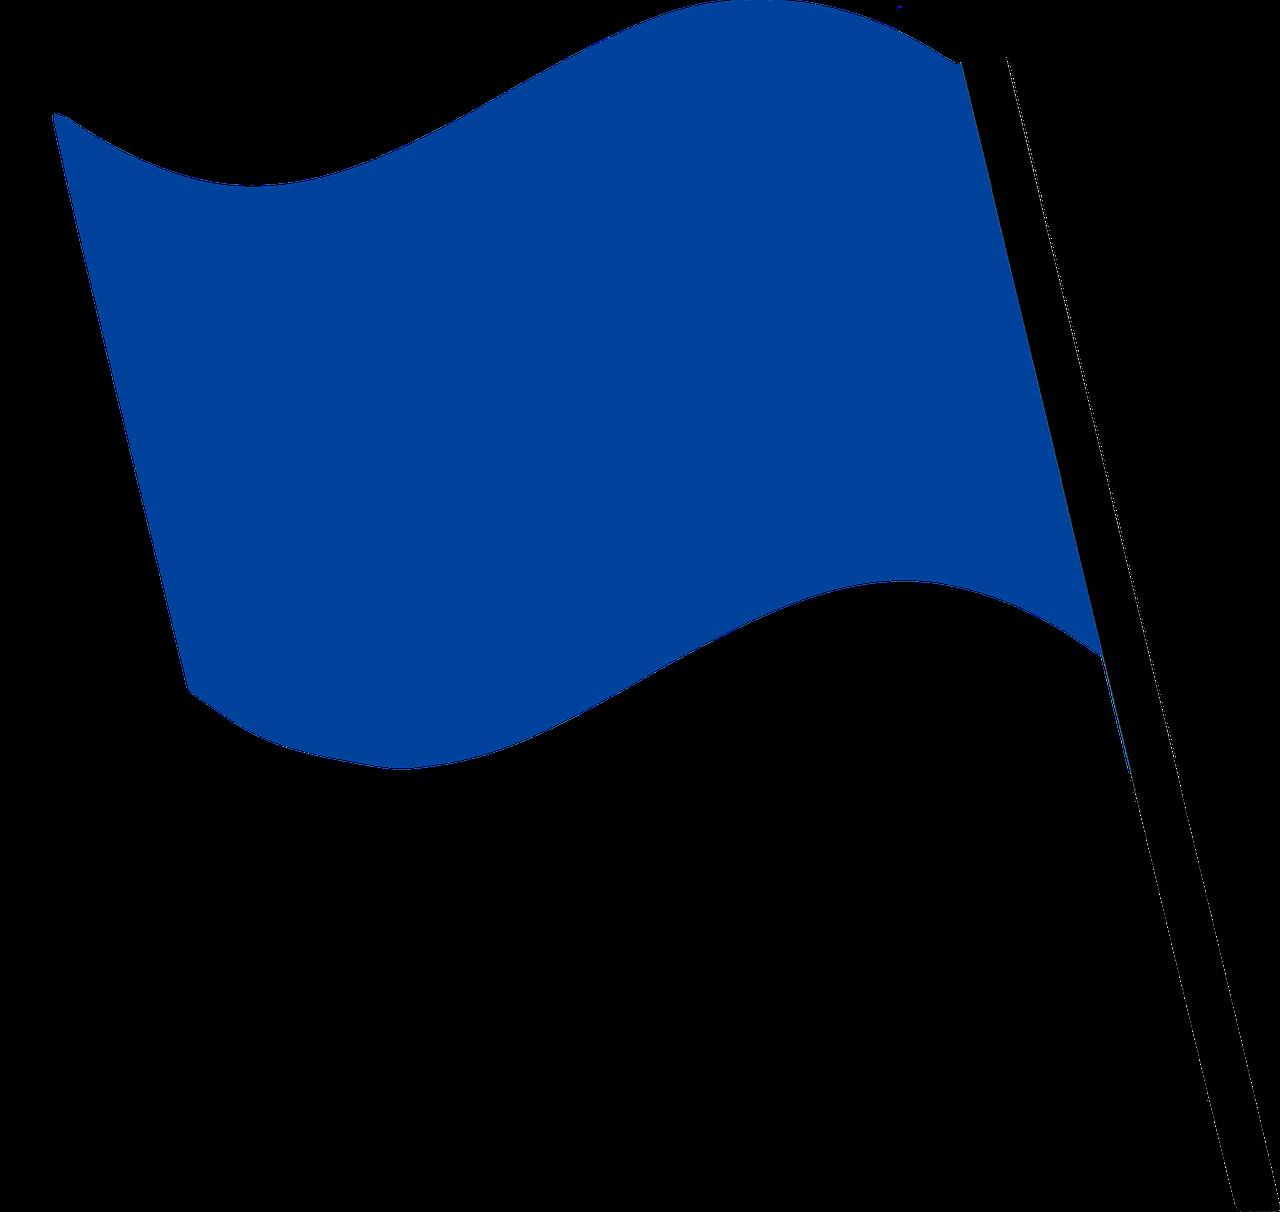 бело-синий флаг картинка